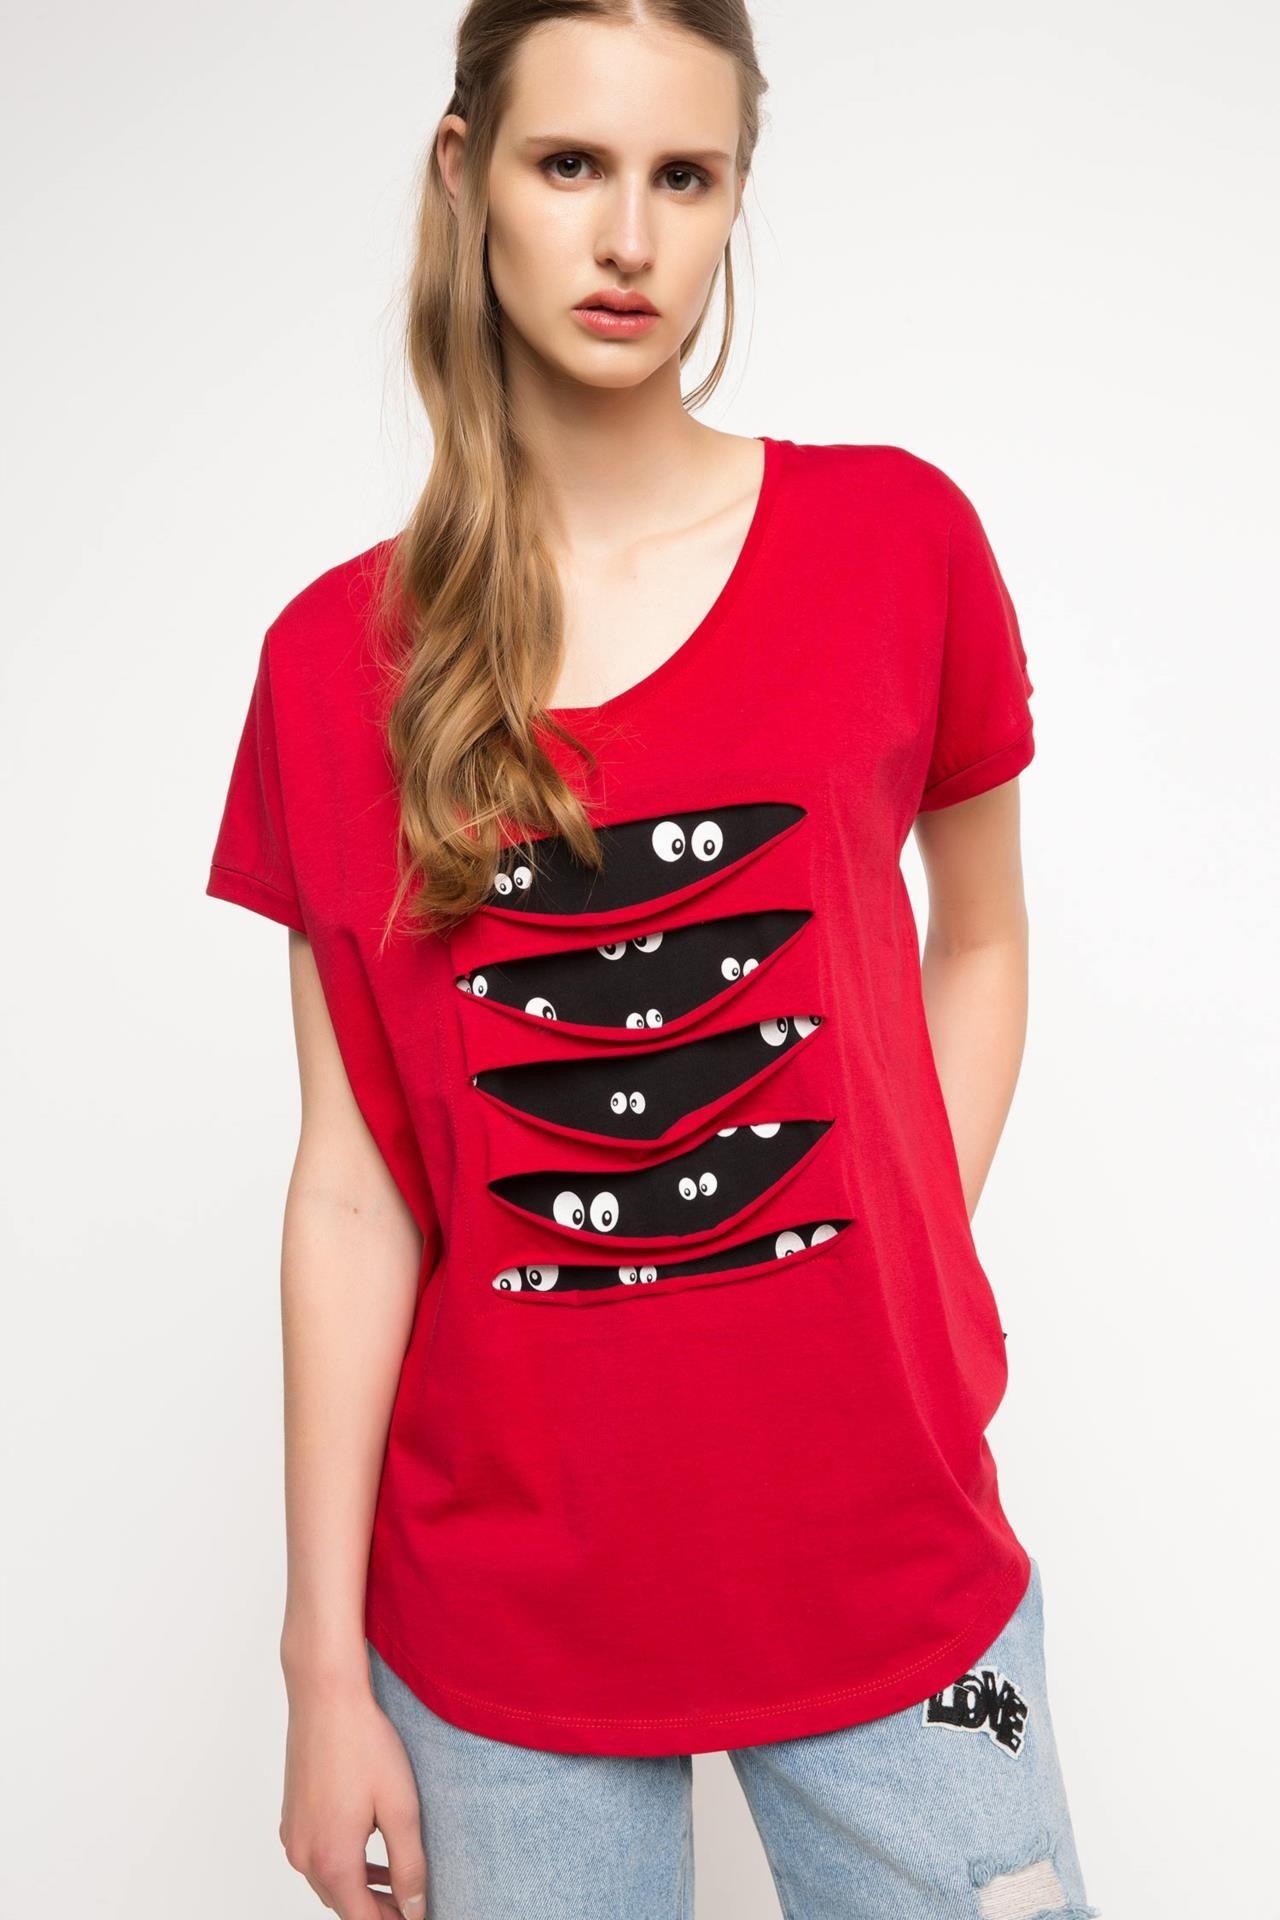 Kirmizi Kadin L L Baskili T Shirt 764676 Defacto Elbise Yeniden Tasarimlari Kendin Yap Tisortler Geri Donusum Kiyafetler